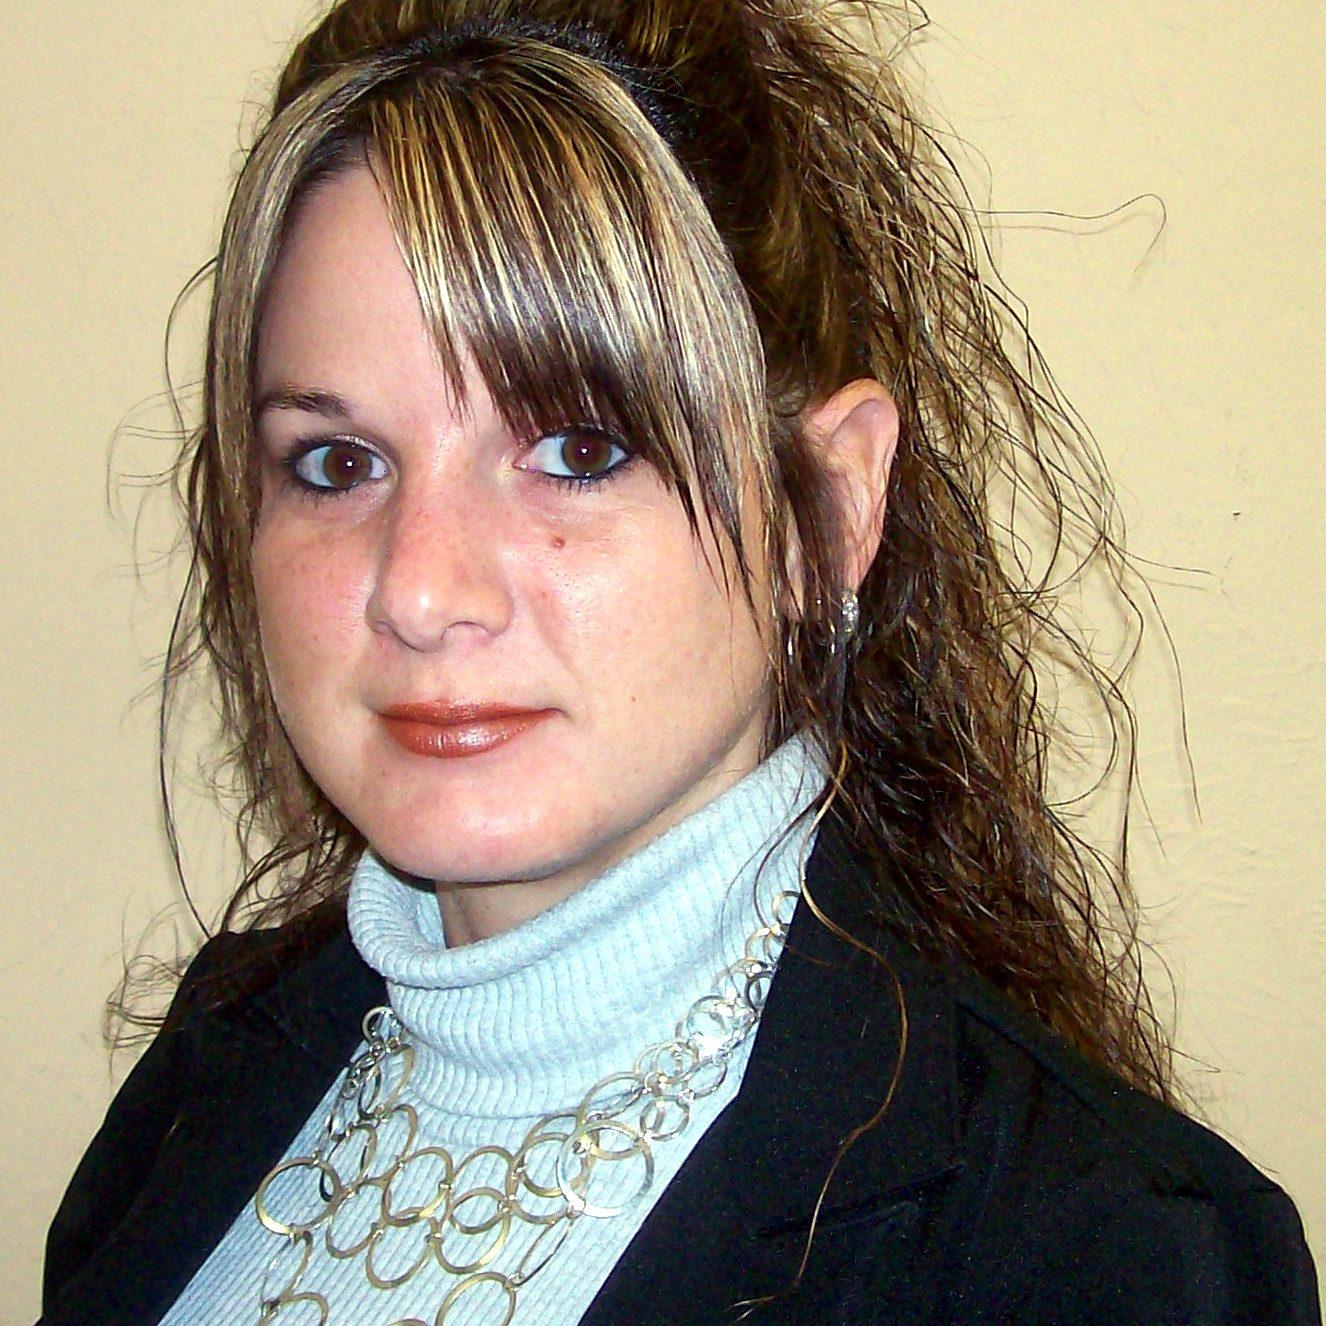 2009 Becky Swift